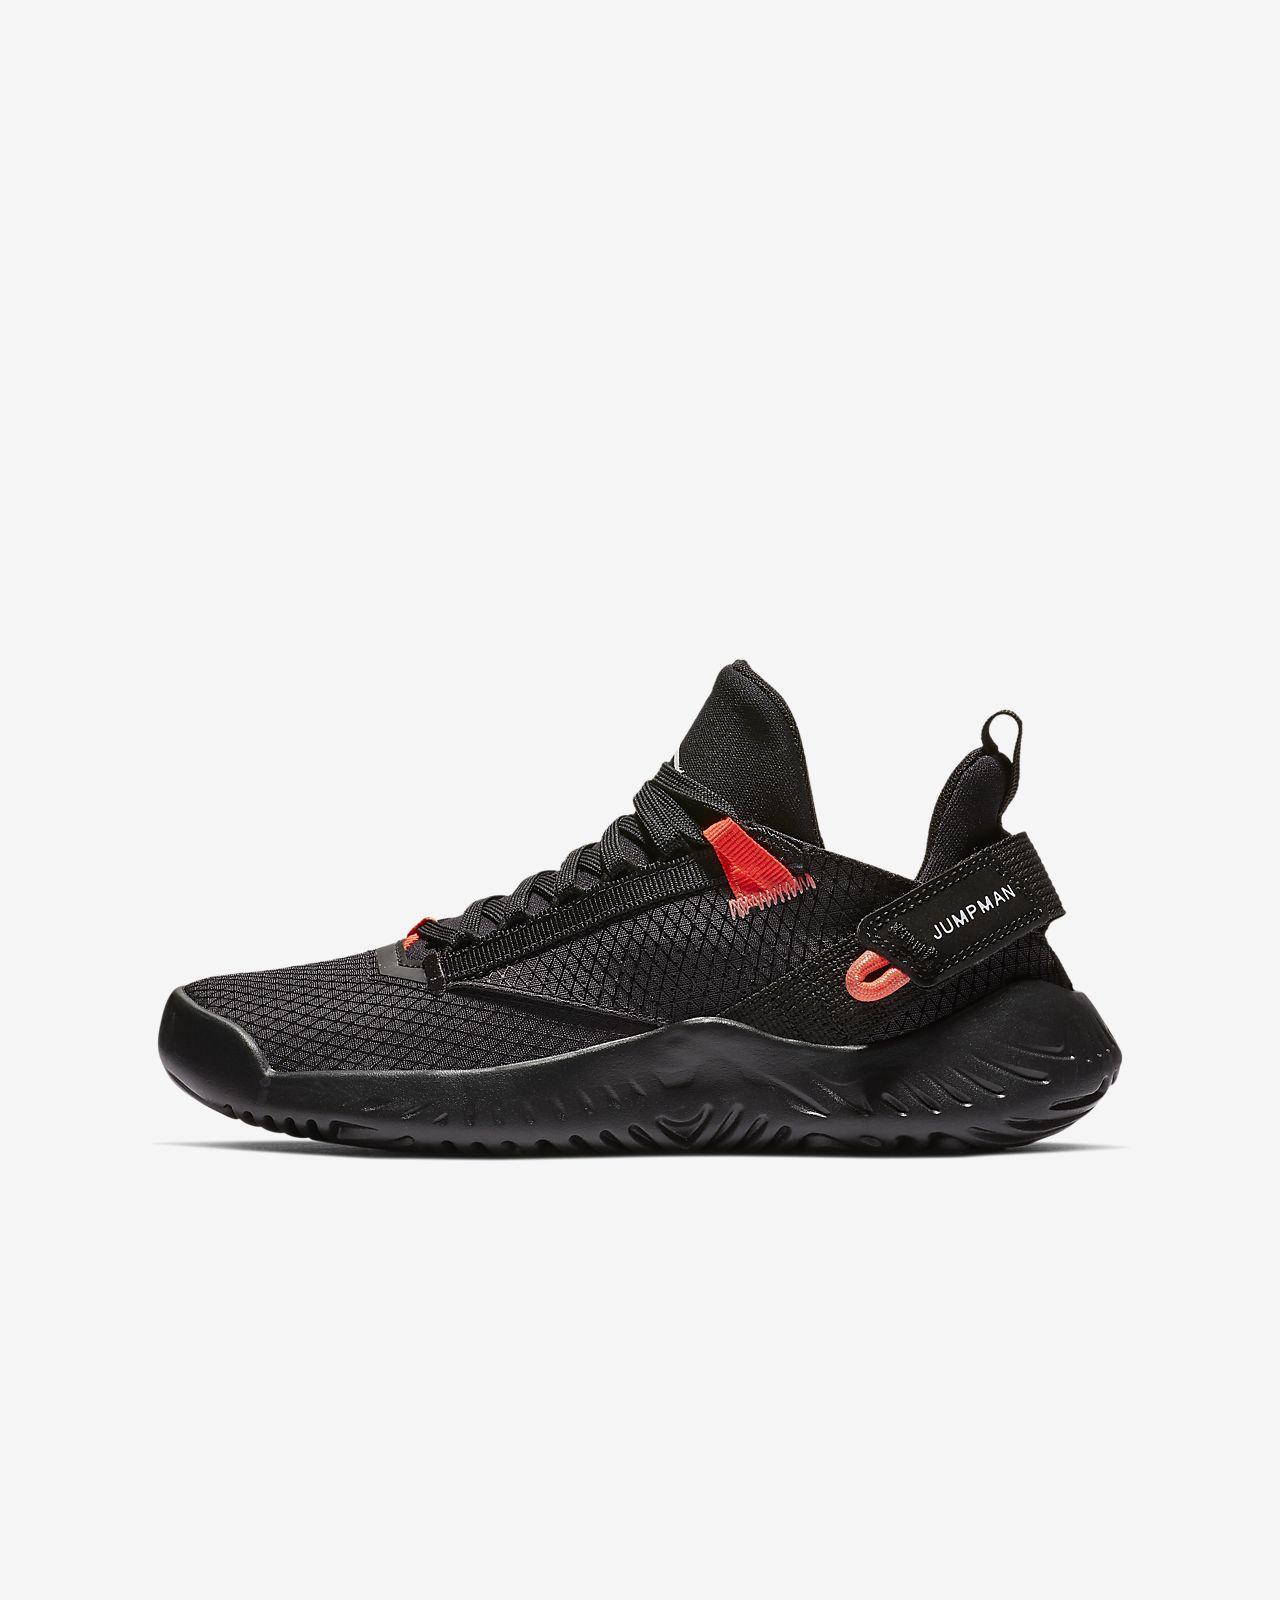 รองเท้าเด็กโต Jordan Proto 23